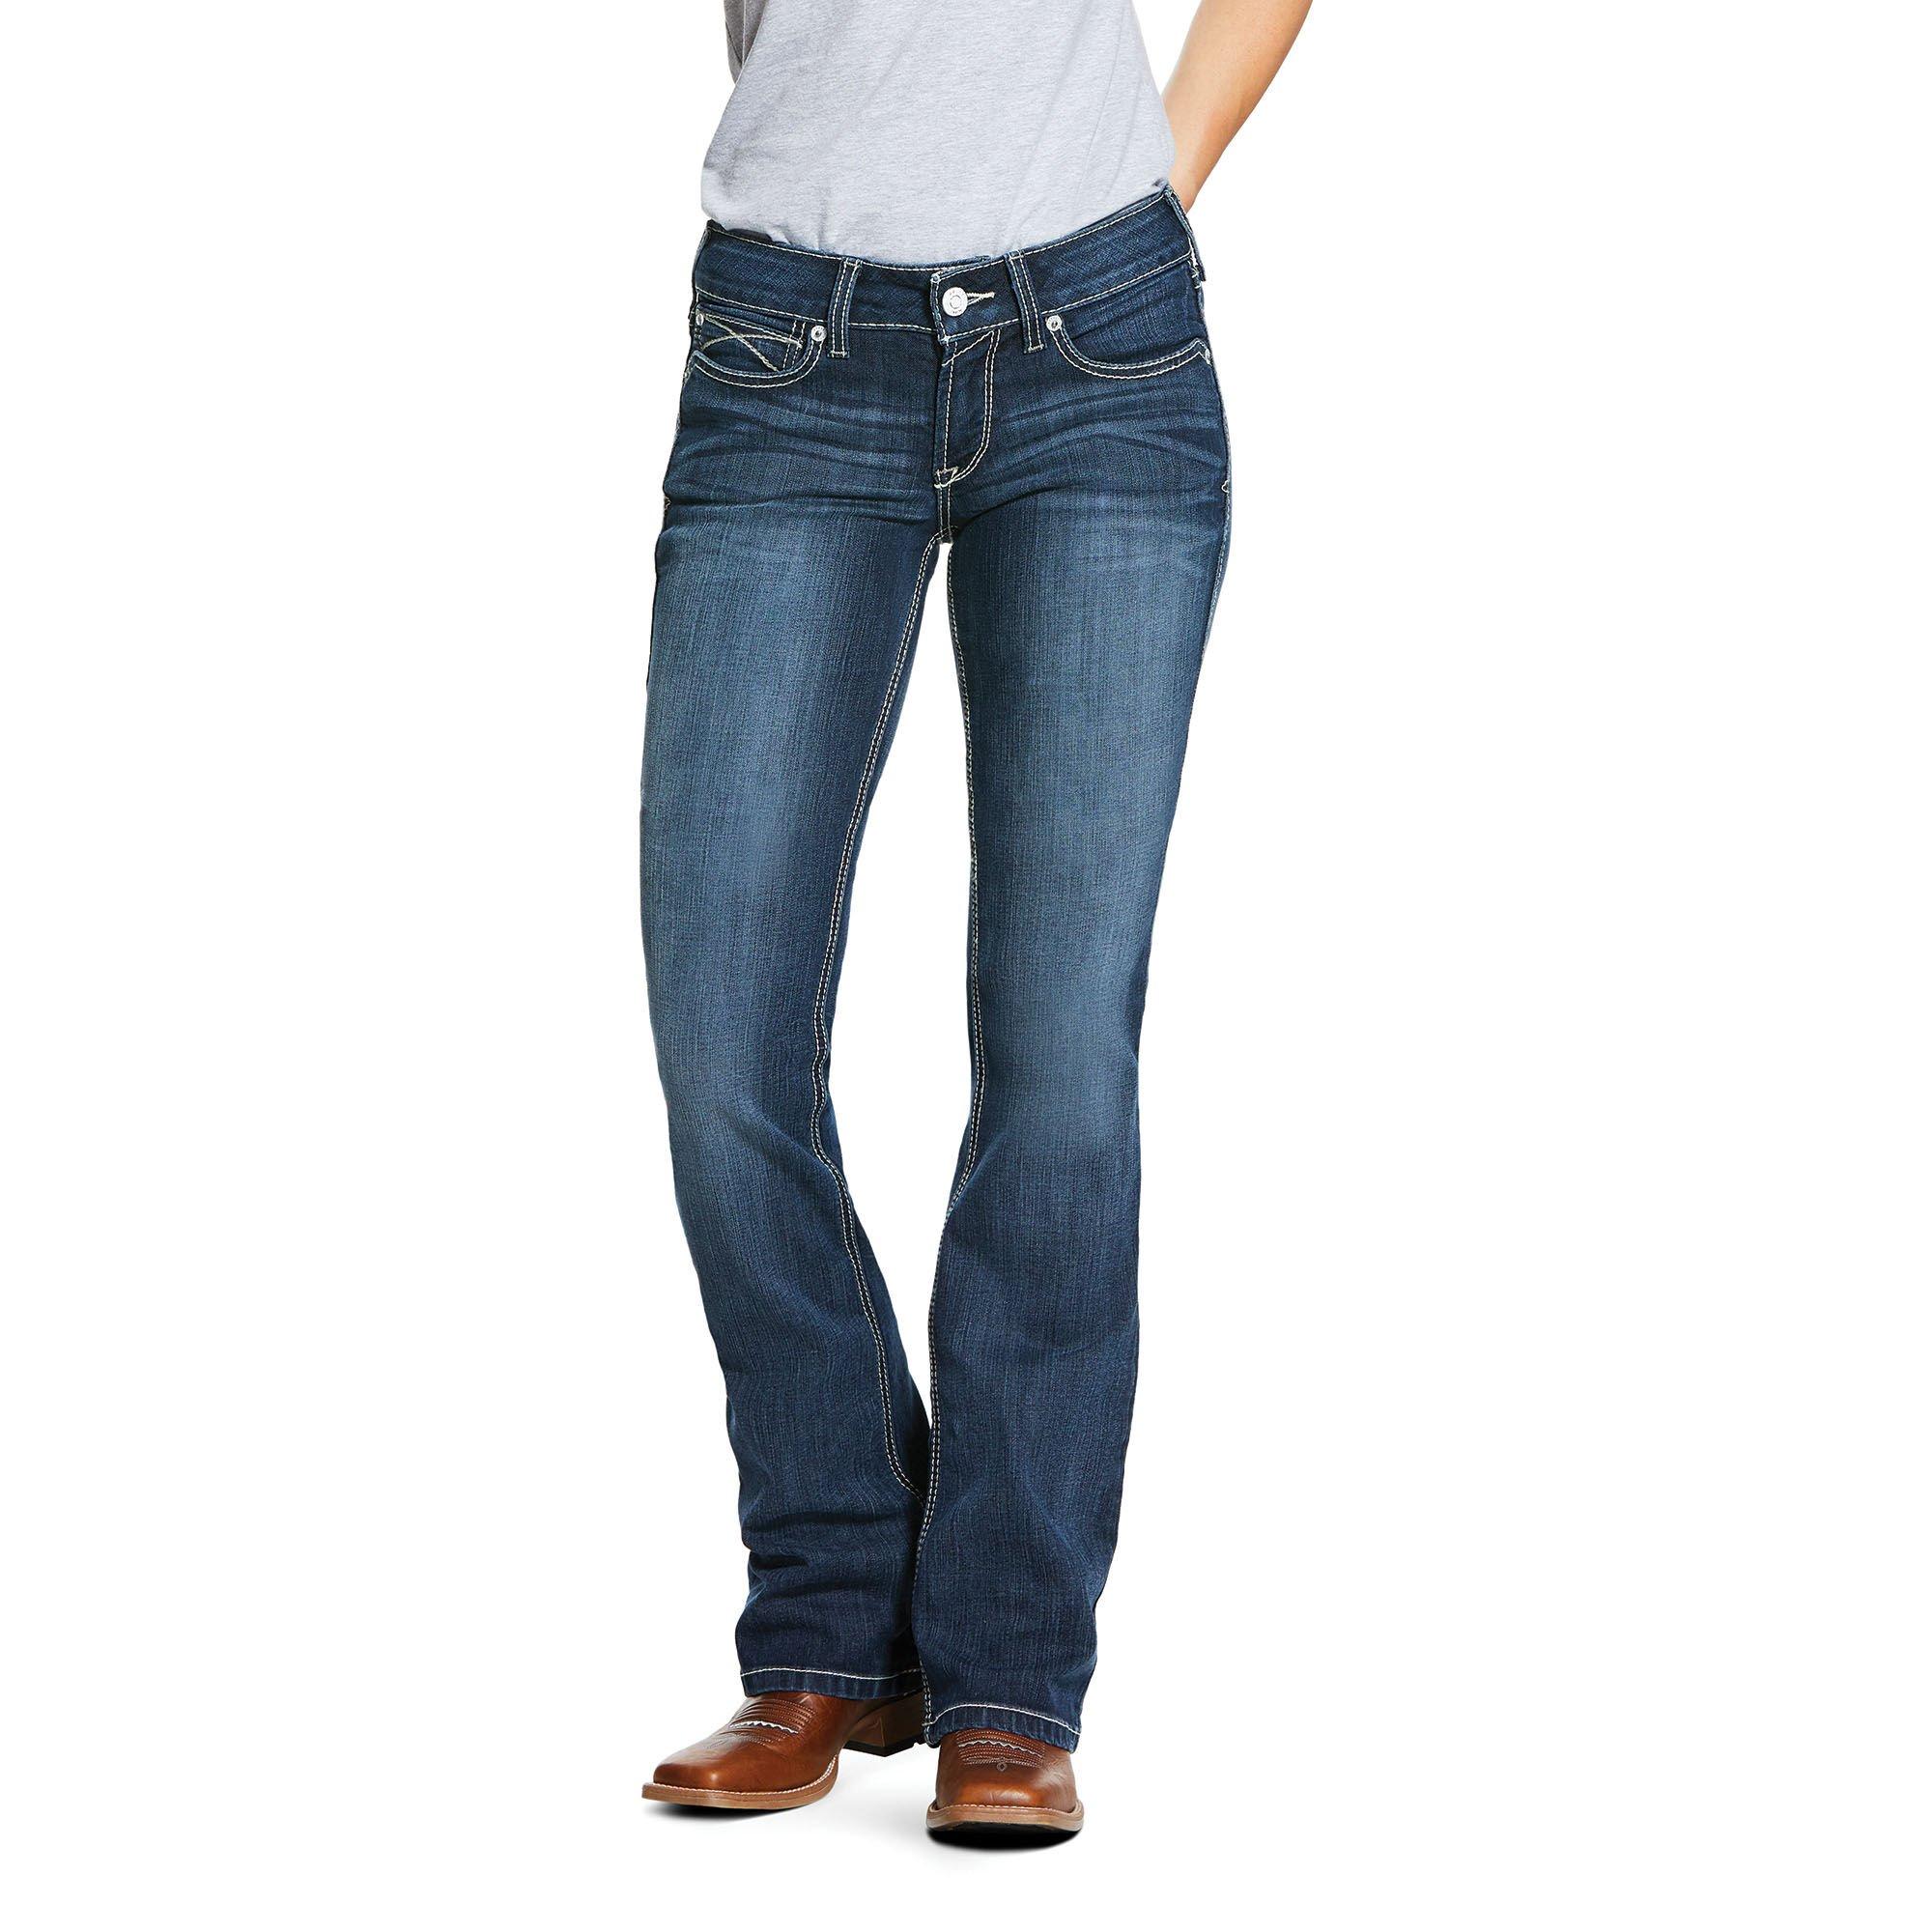 R.E.A.L. Mid Rise Arrow Fit Stretch Shayla Boot Cut Jean